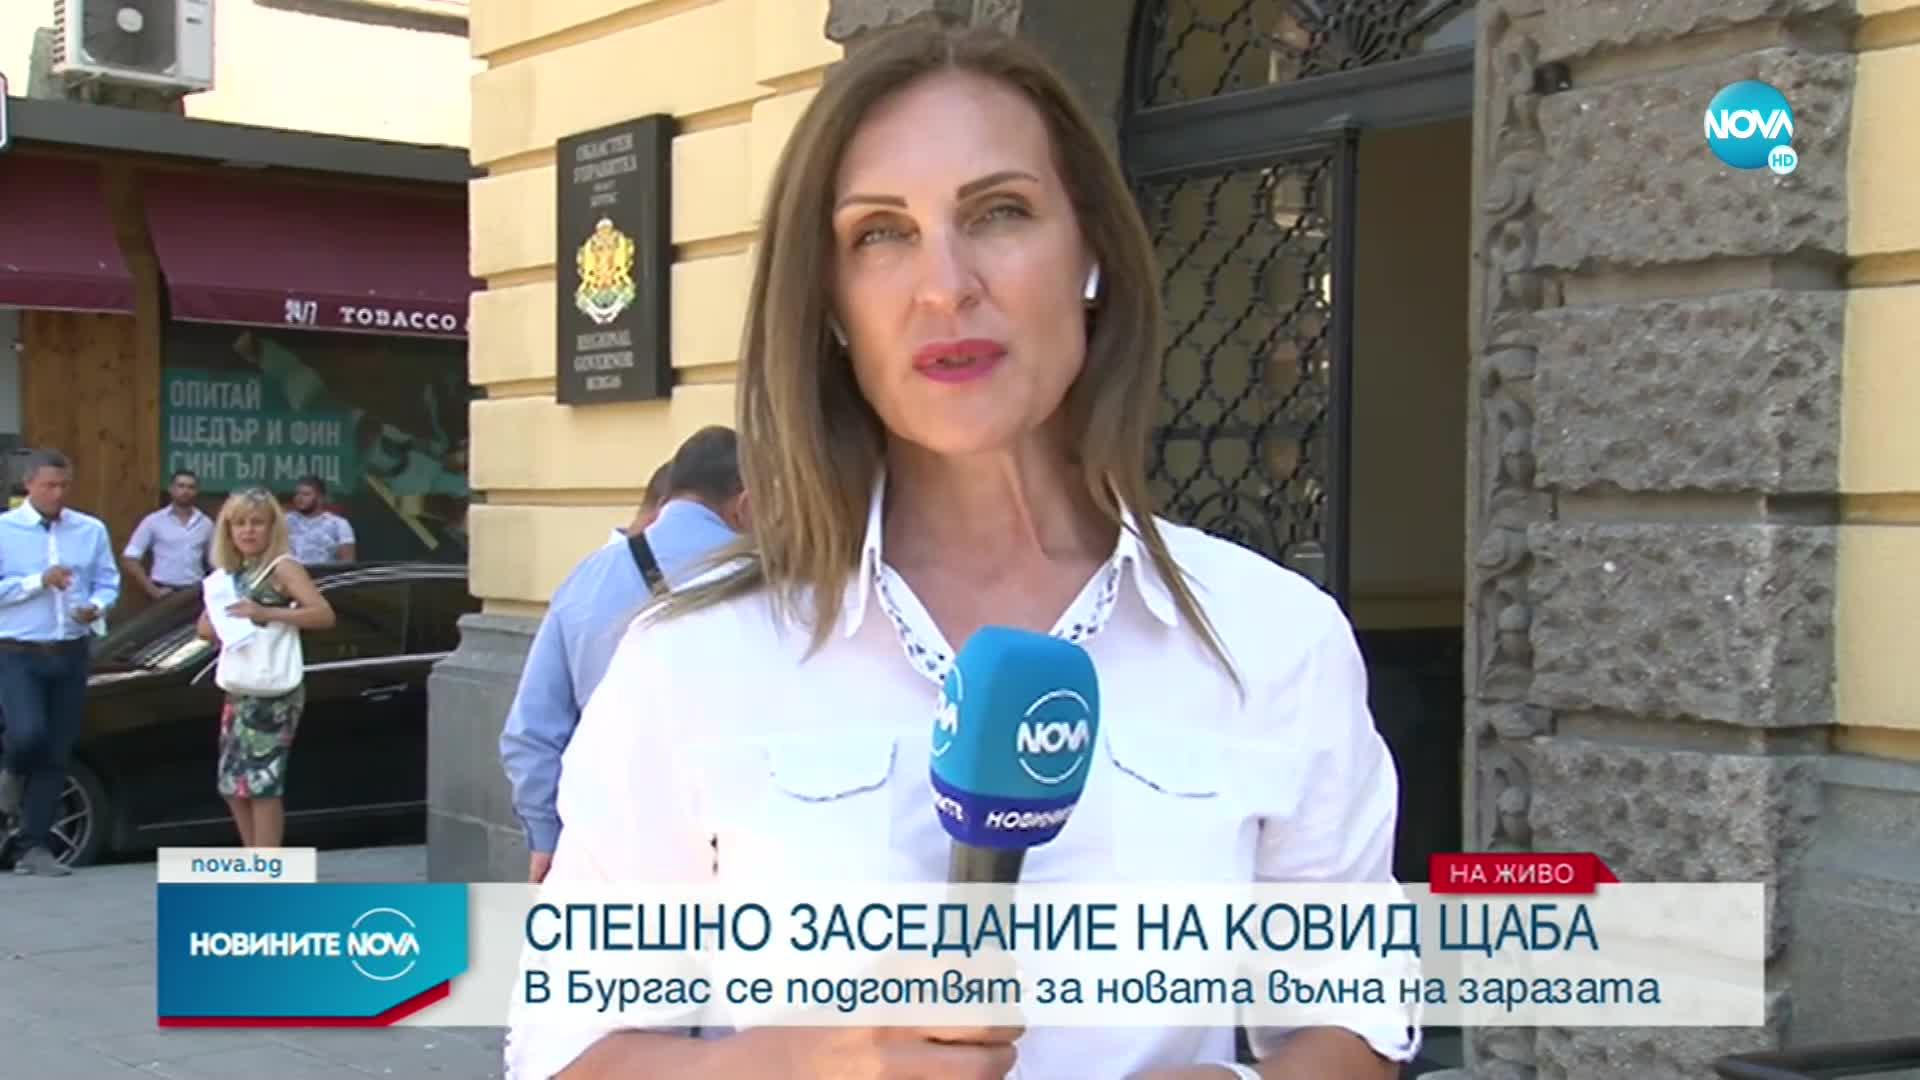 Областният щаб в Бургас се събира на спешно заседание заради COVID-19